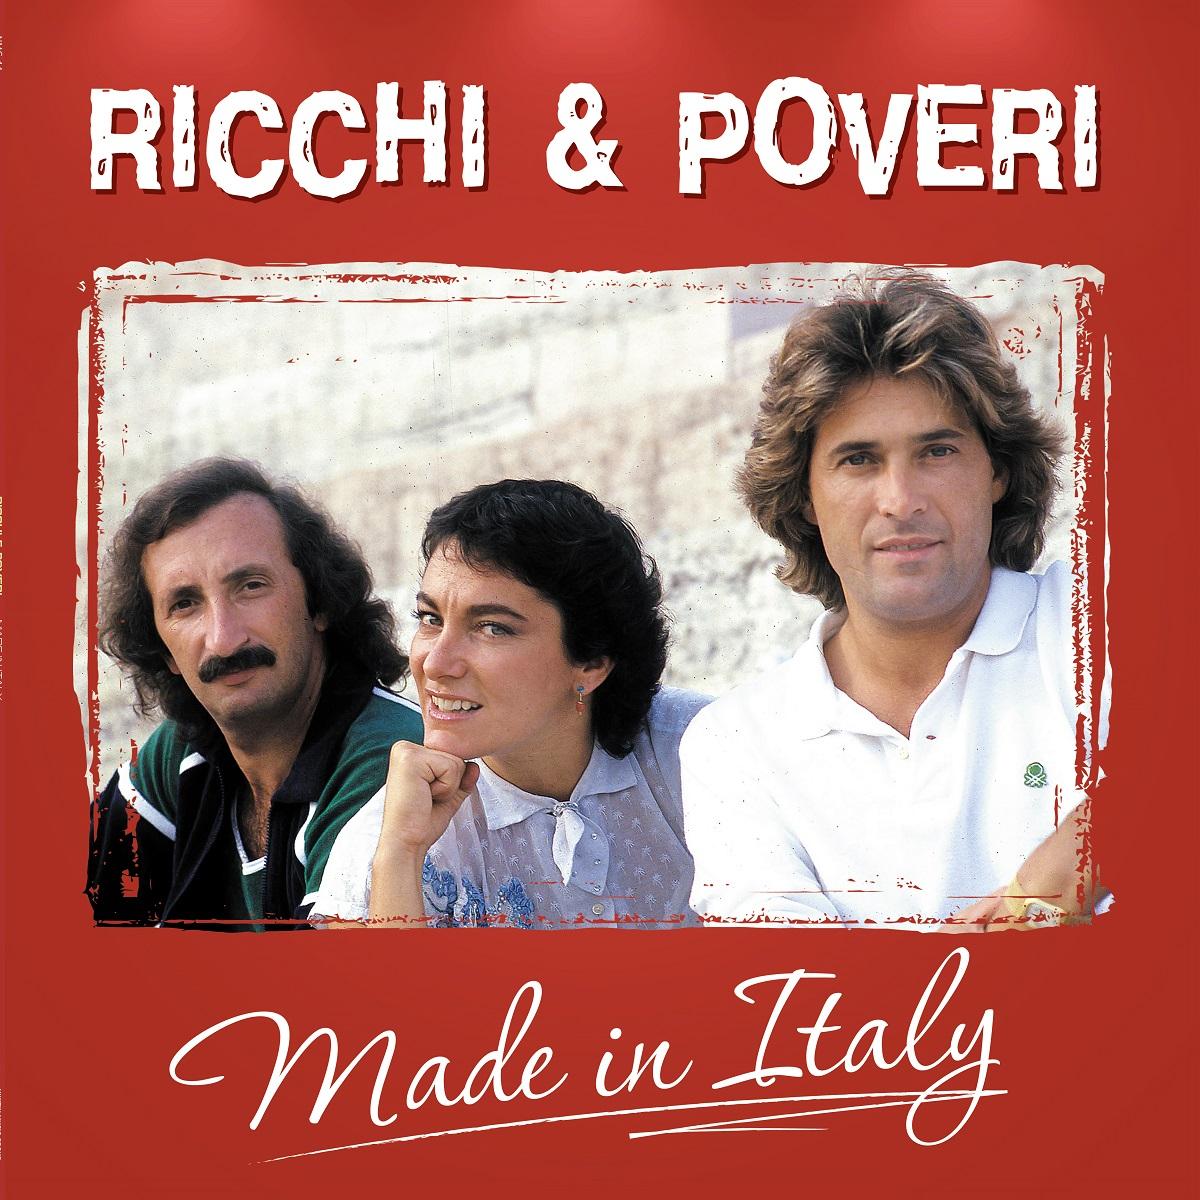 Ricchi E Poveri Ricchi & Poveri. Made In Italy (LP)